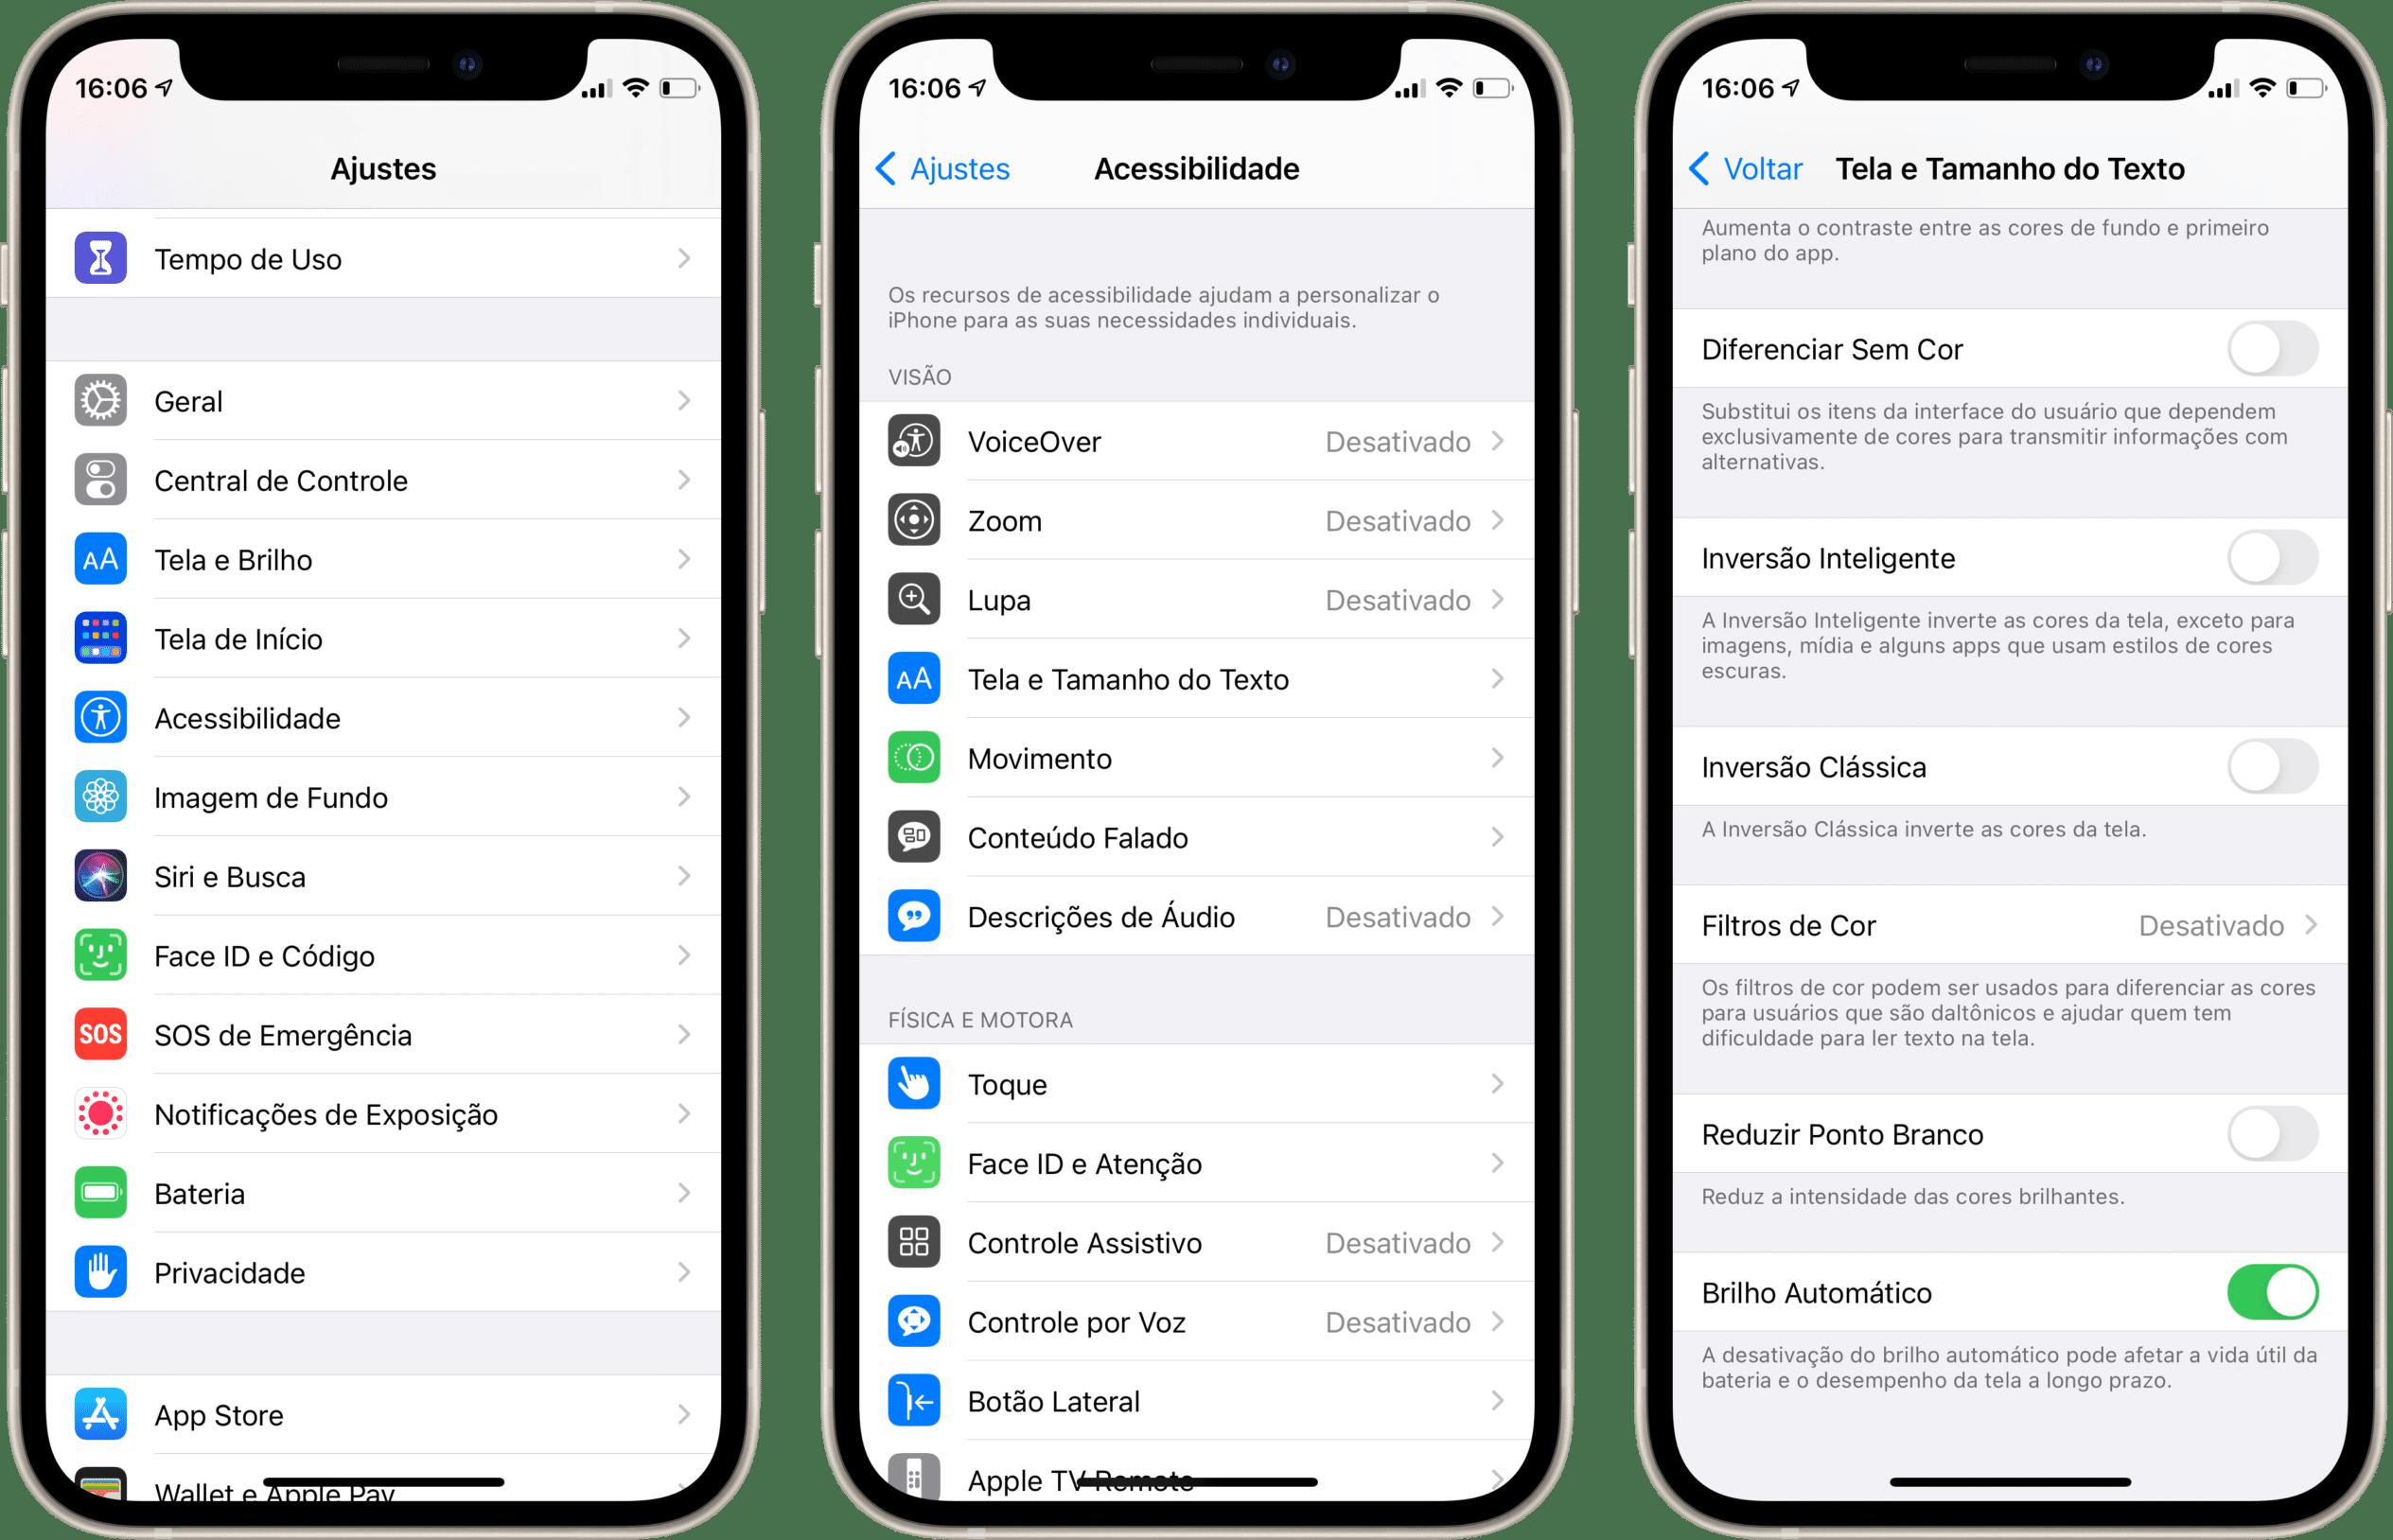 Ajustando o brilho da tela em iPhones